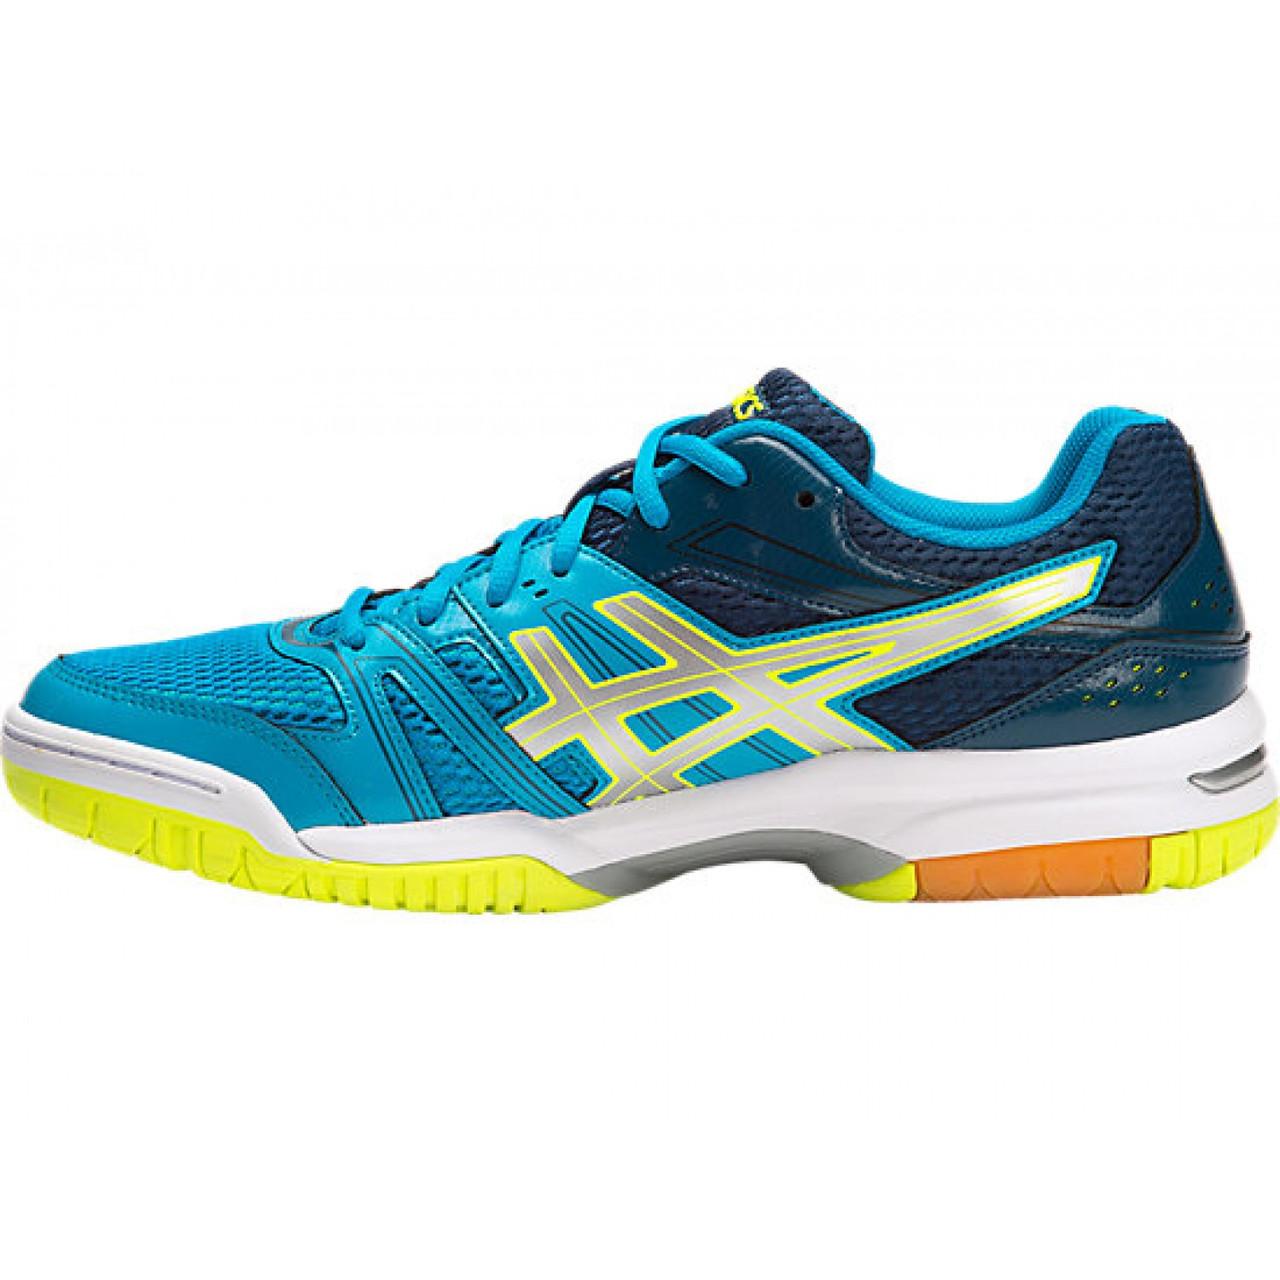 7d90f0b3669d Волейбольные кроссовки ASICS GEL-ROCKET 7 (B405N-4396)  продажа ...